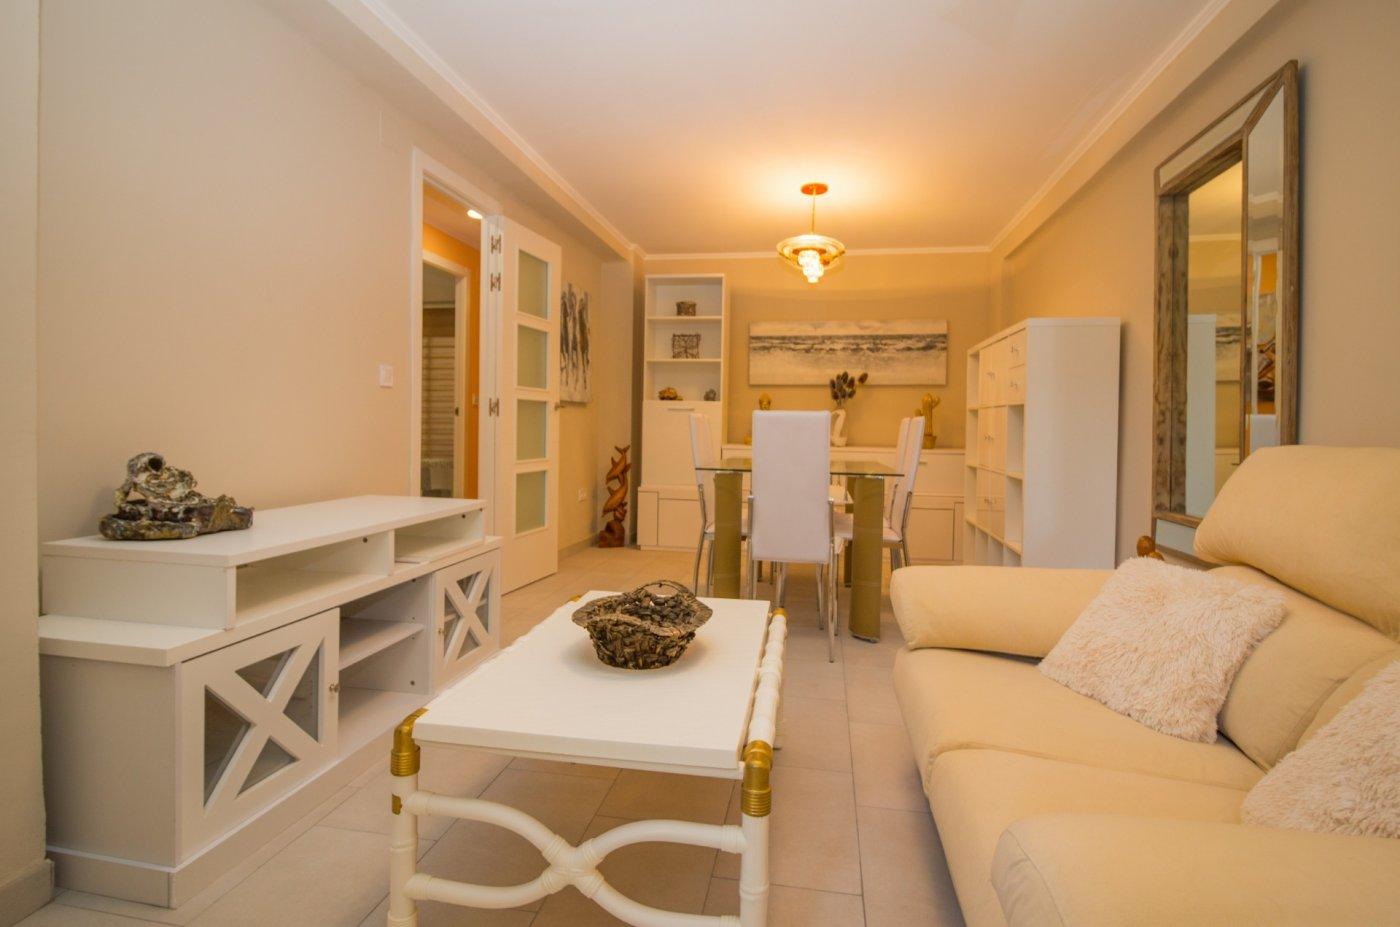 Precioso piso con decoración exclusiva en ronda mijares, castellón - imagenInmueble2